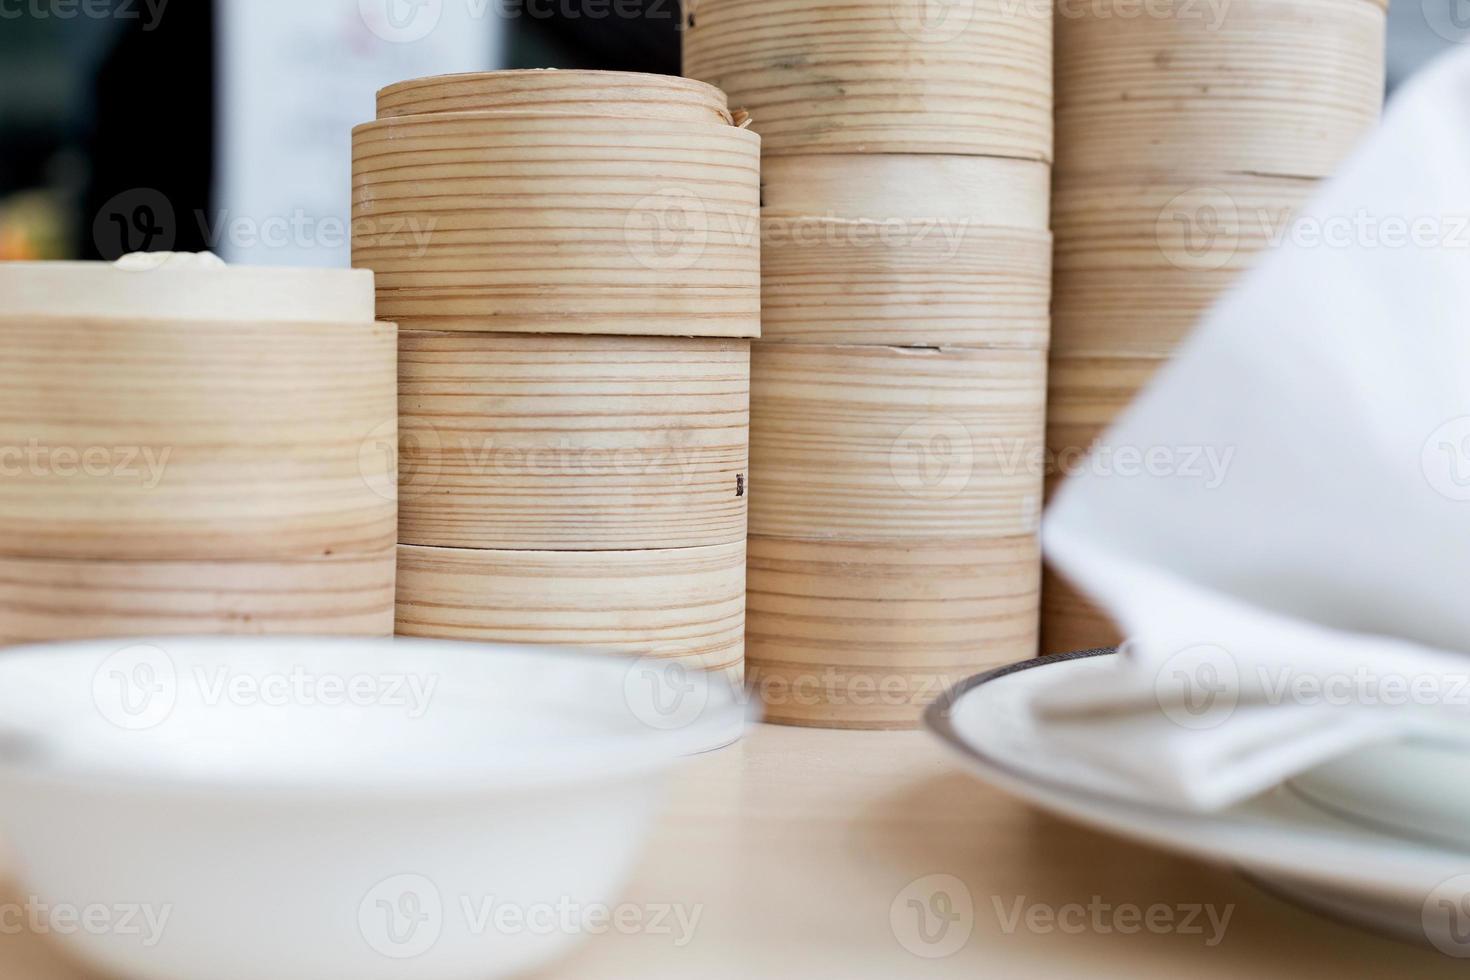 ångad kinesisk bulle i bambukorg foto